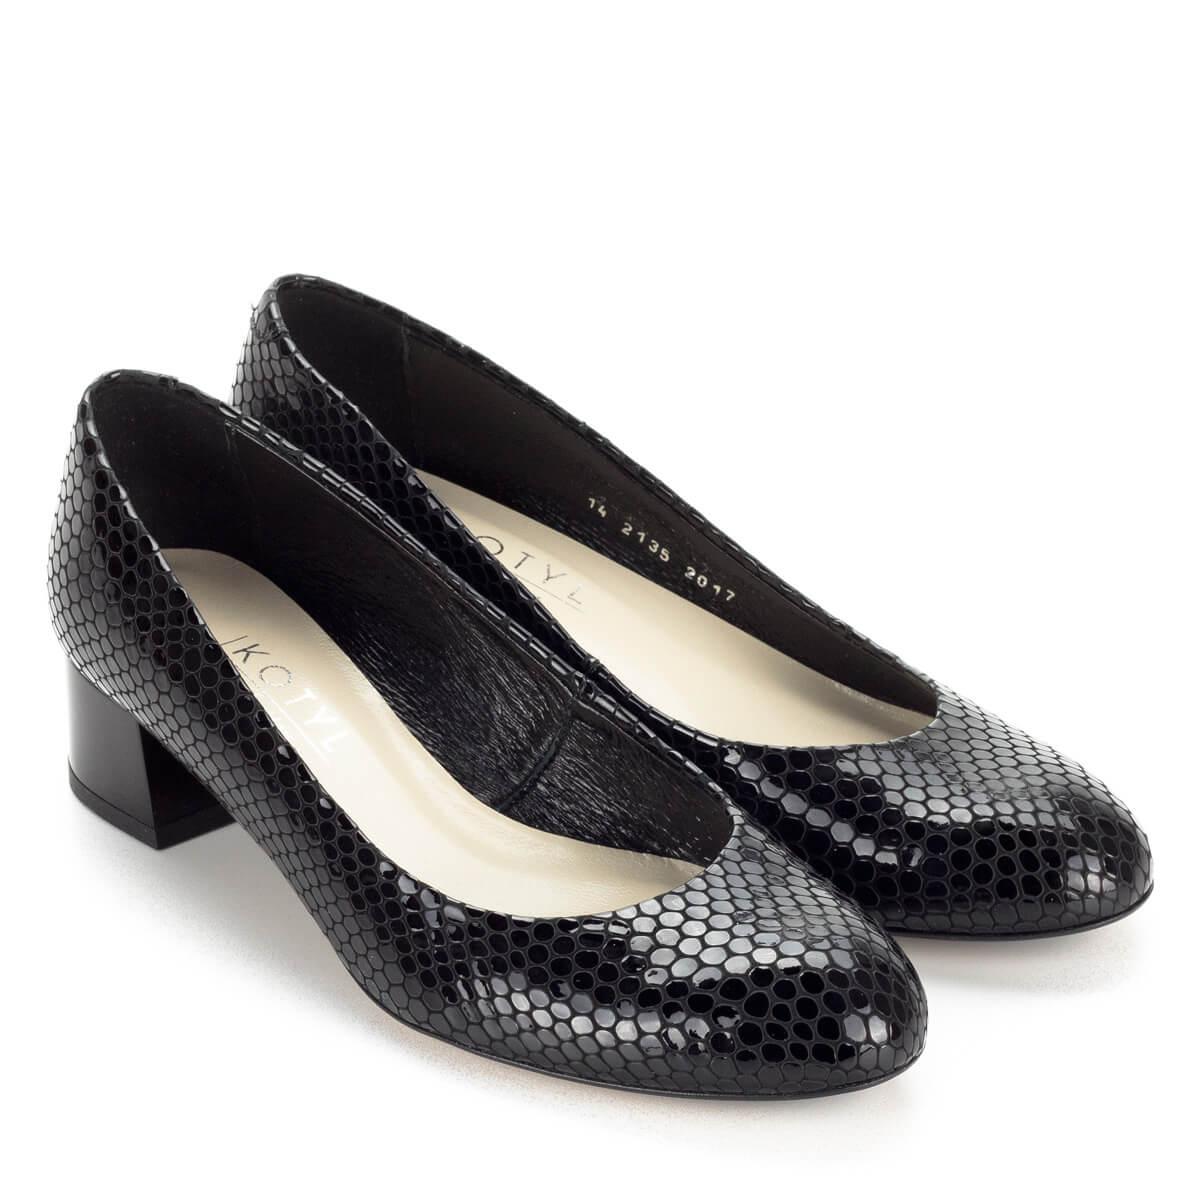 Fekete Kotyl lakk bőr cipő mintás felsőrésszel és bőr béléssel. Sarka kb 4  cm magas ... 9ac94bd75f